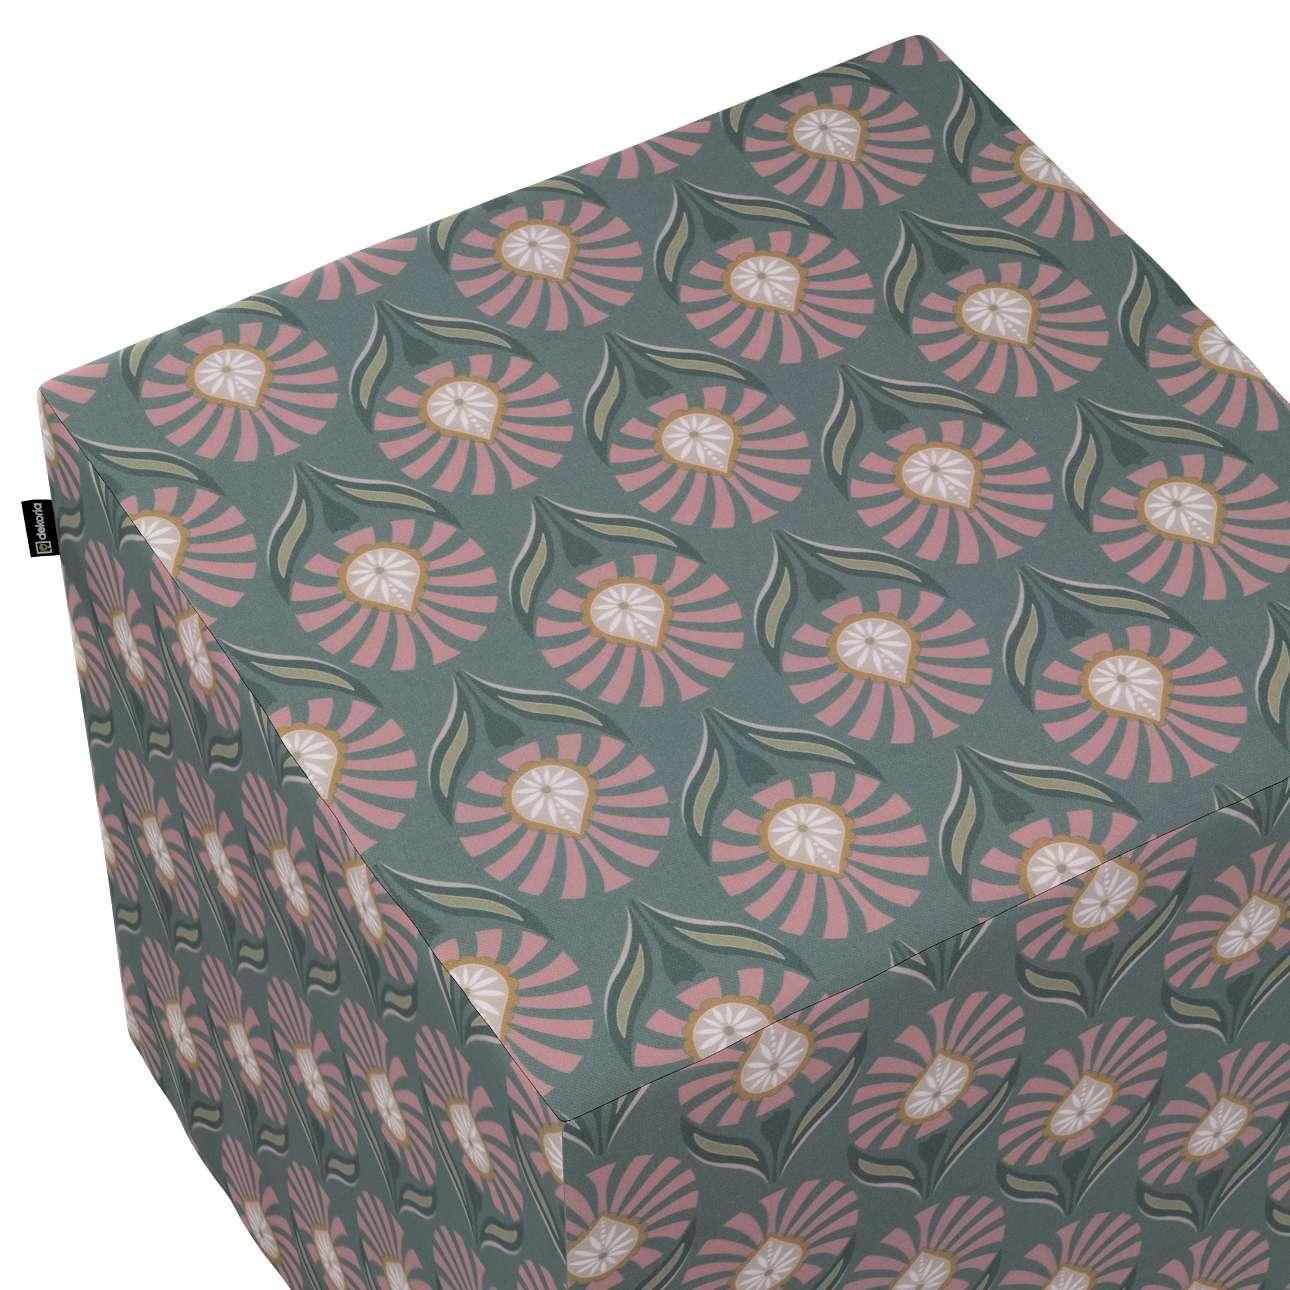 Sittepuff og Fotskammel fra kolleksjonen Gardenia, Stoffets bredde: 142-17